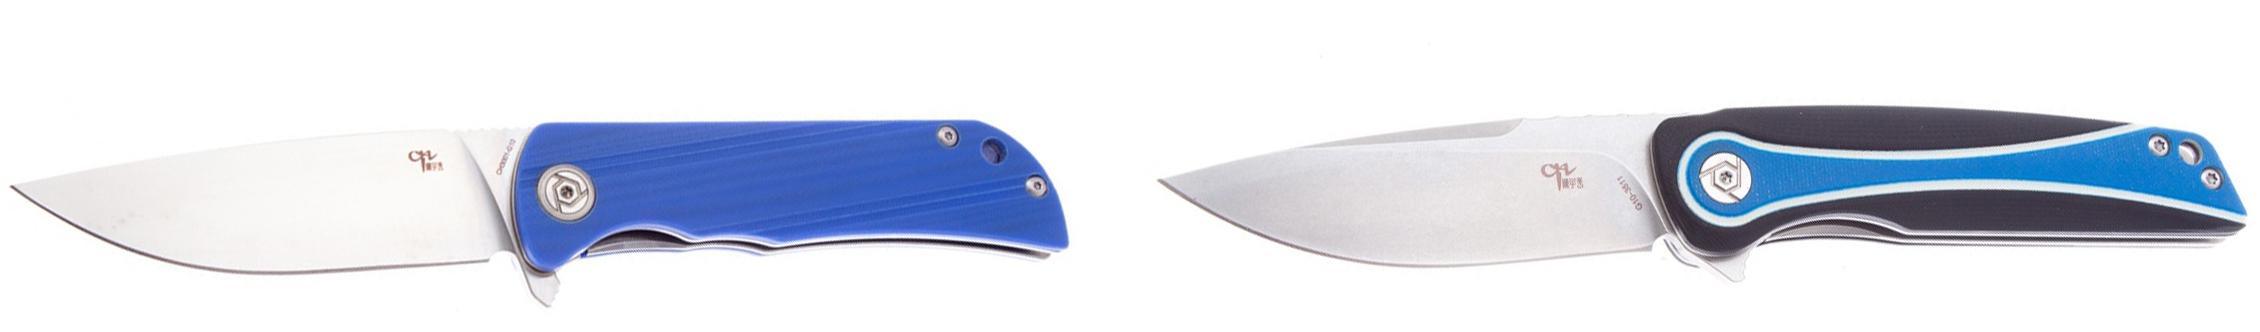 Ножи CH 3001-BL и CH 3511